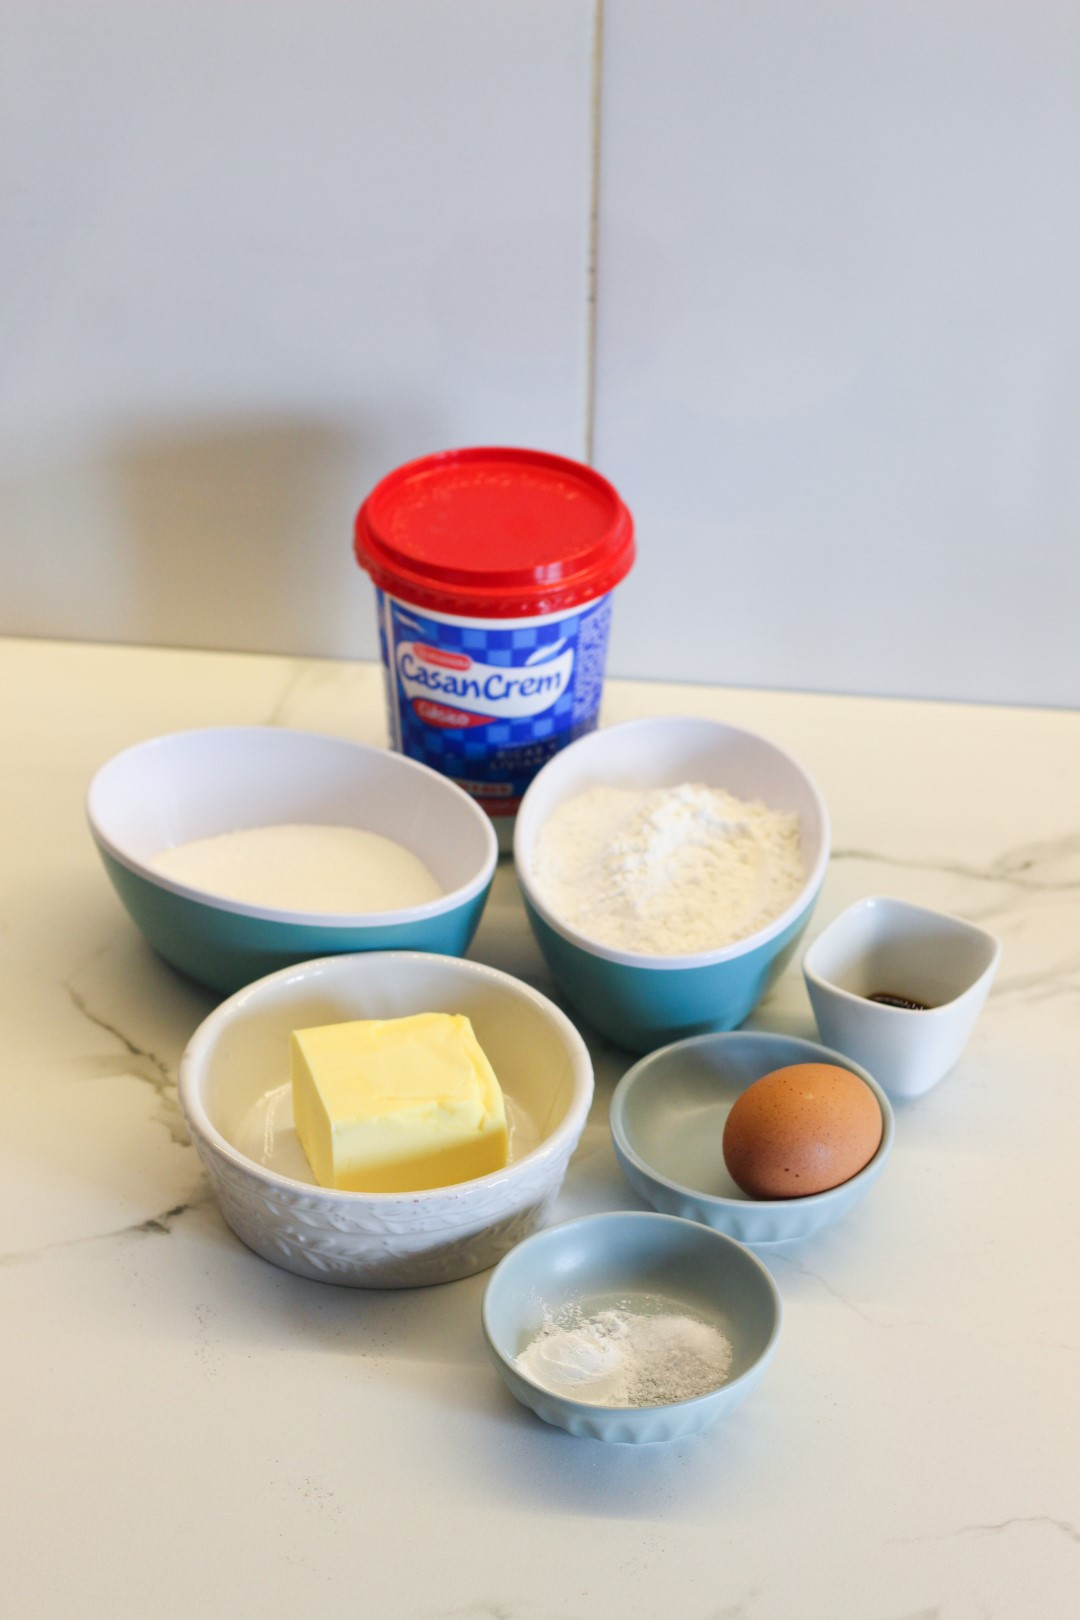 galletitas de queso crema, recetas de cocina, recetas dulces, merienda, casancrem,